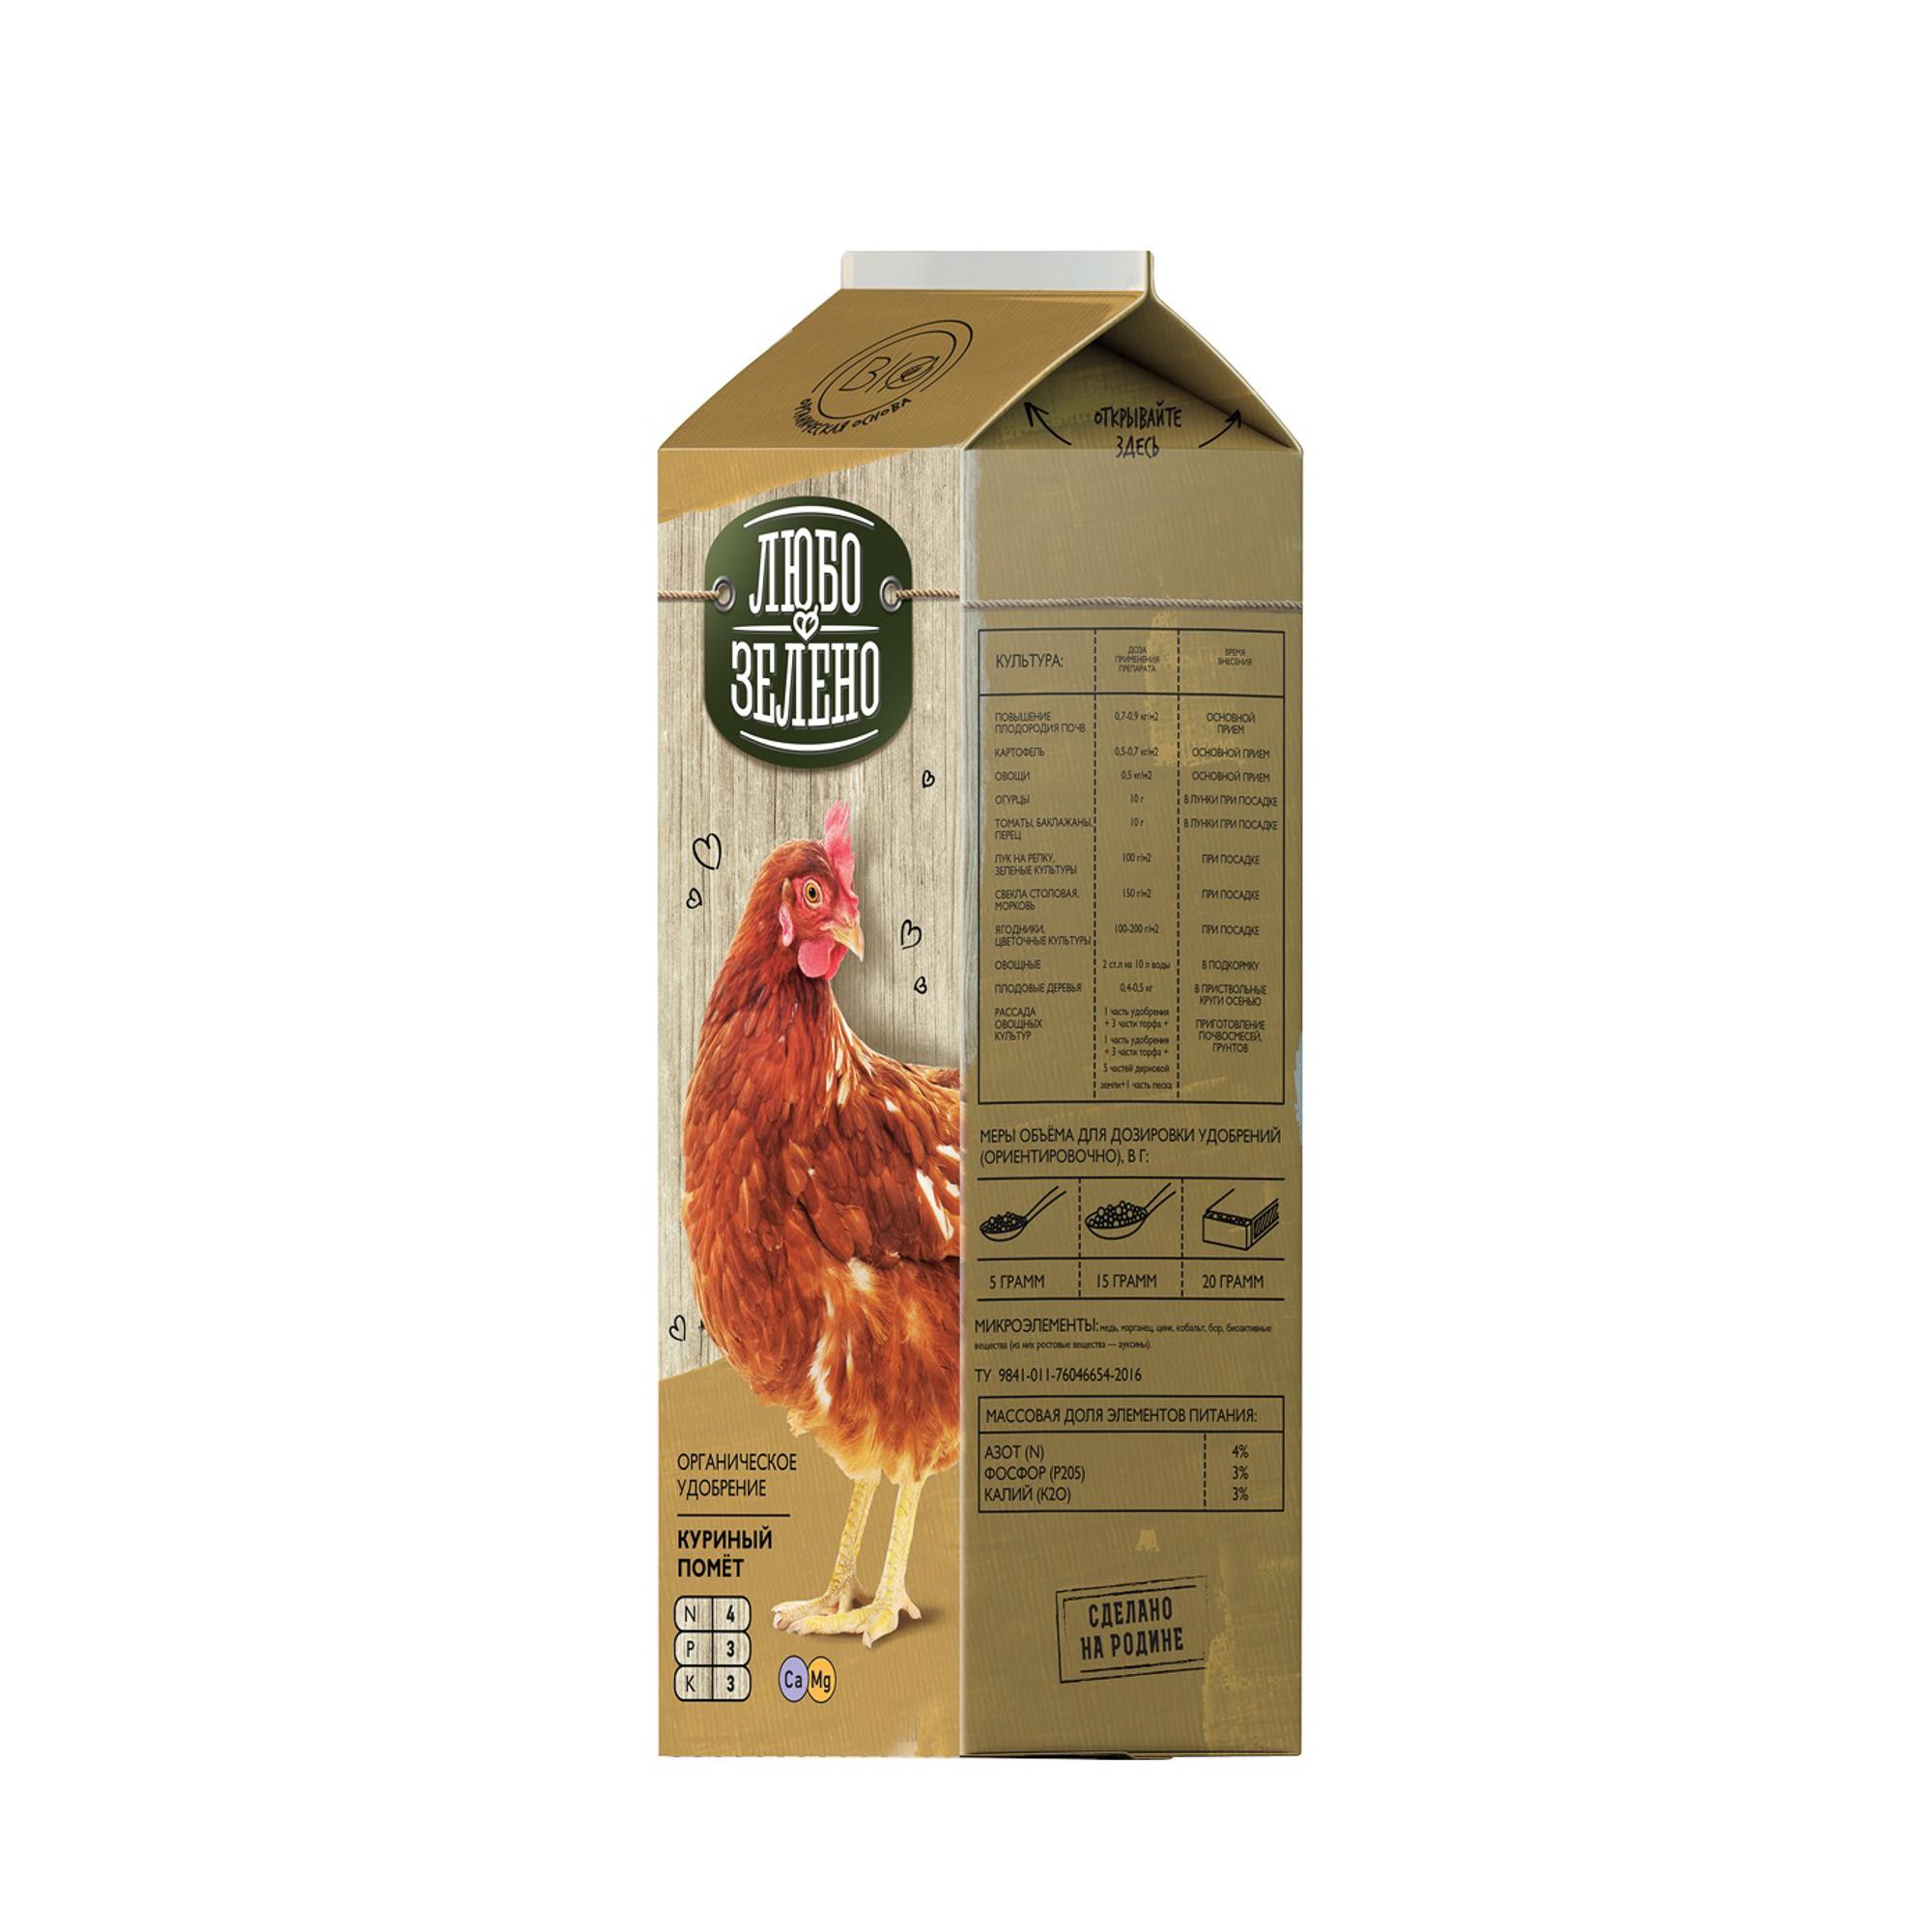 Купить Удобрение ОМУ куриный помет Pure Pak 0, 8 кг Любо-Зелено, гранулированное удобрение, Россия